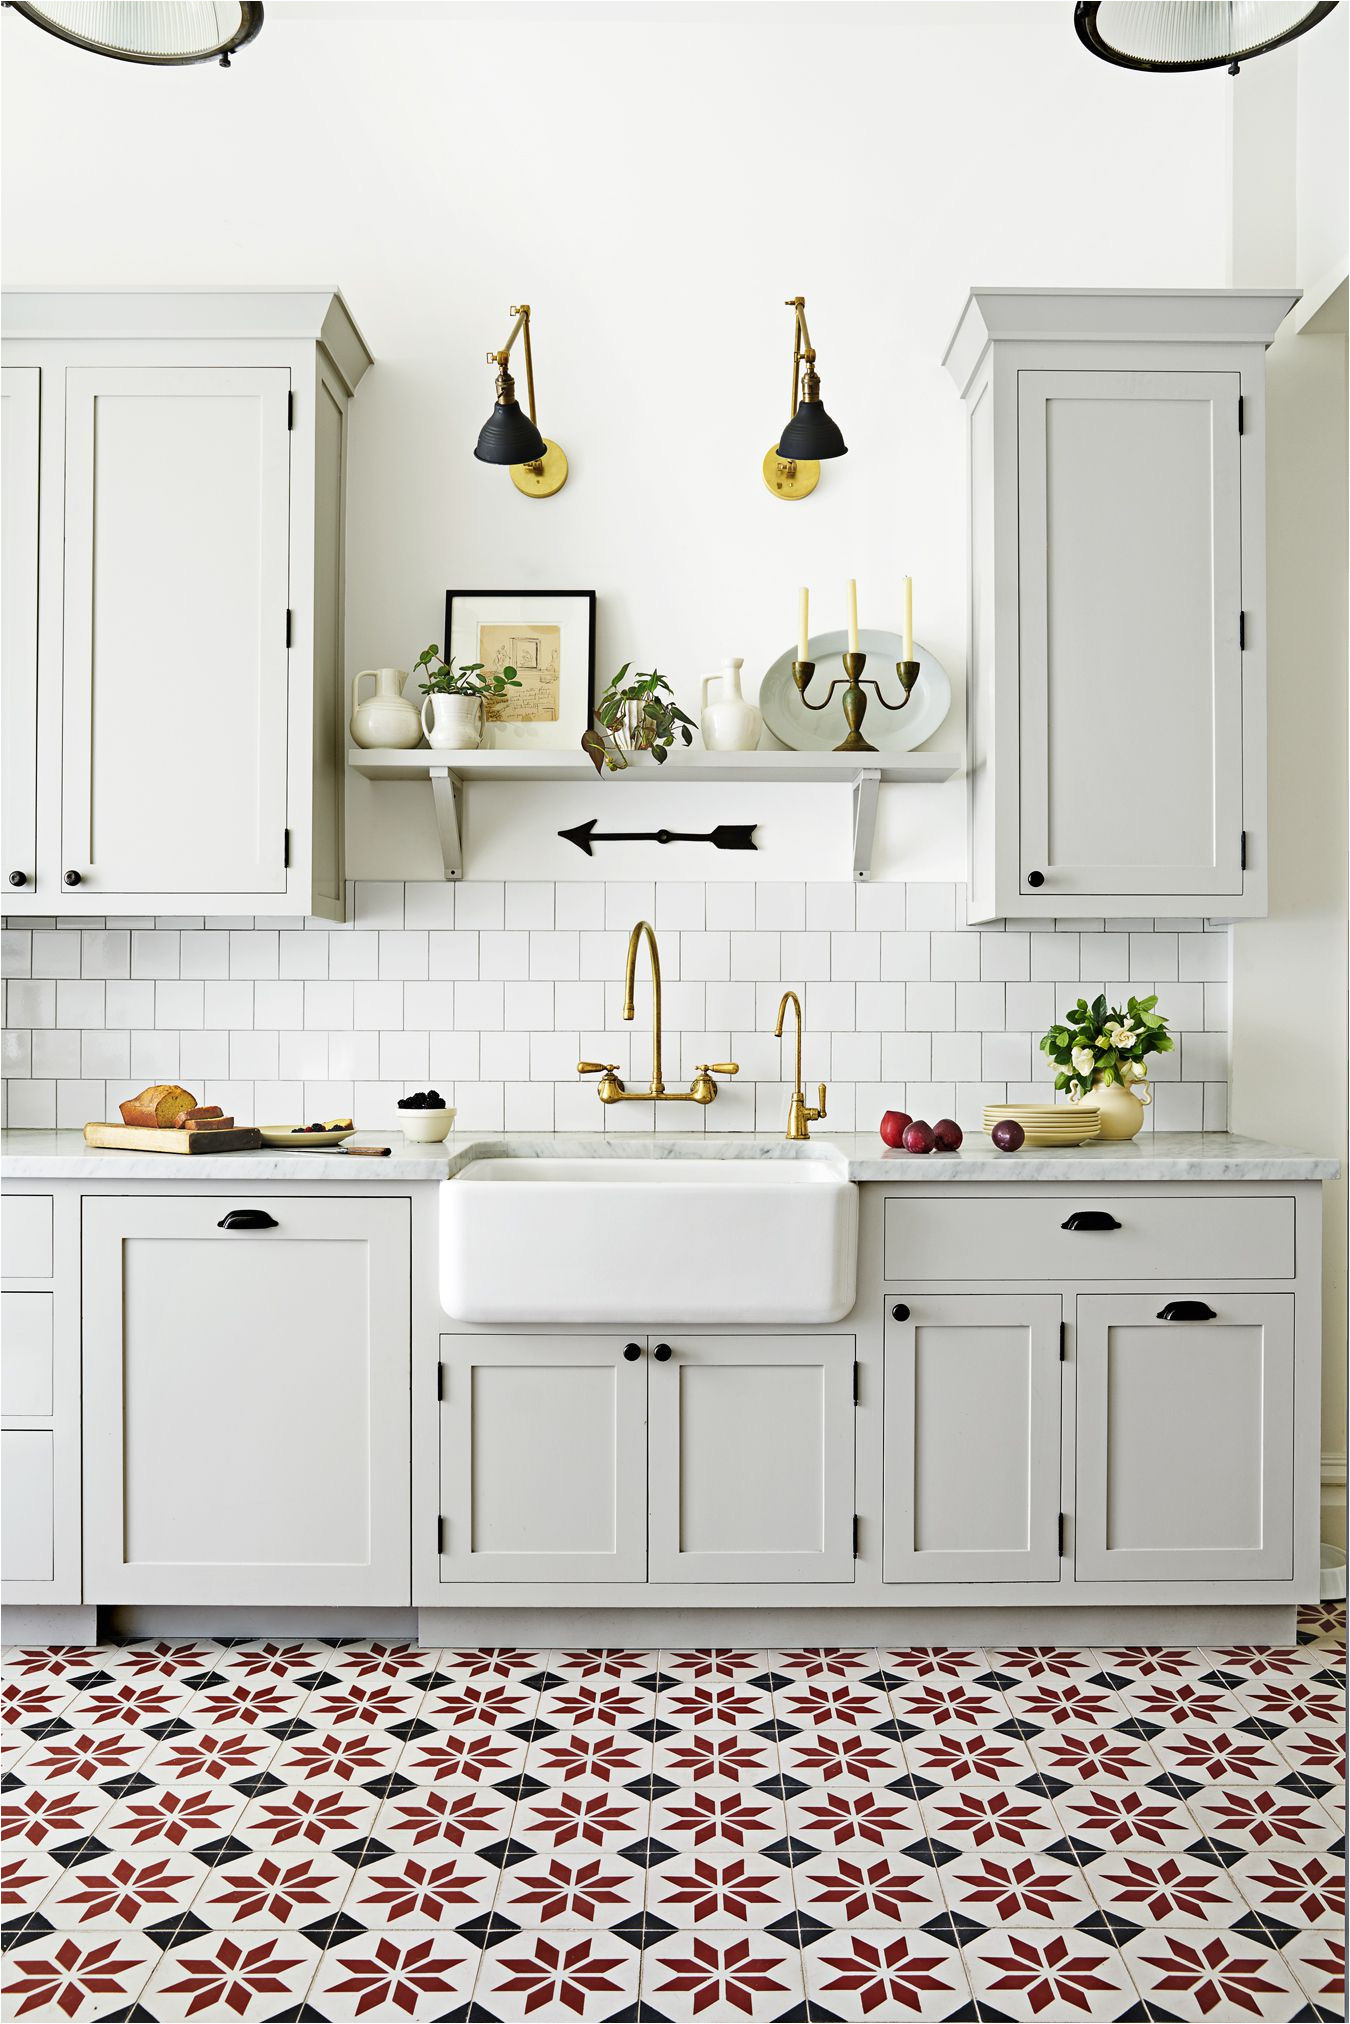 1483474729 kitchen reinvention pattern tiles 0117 jpg